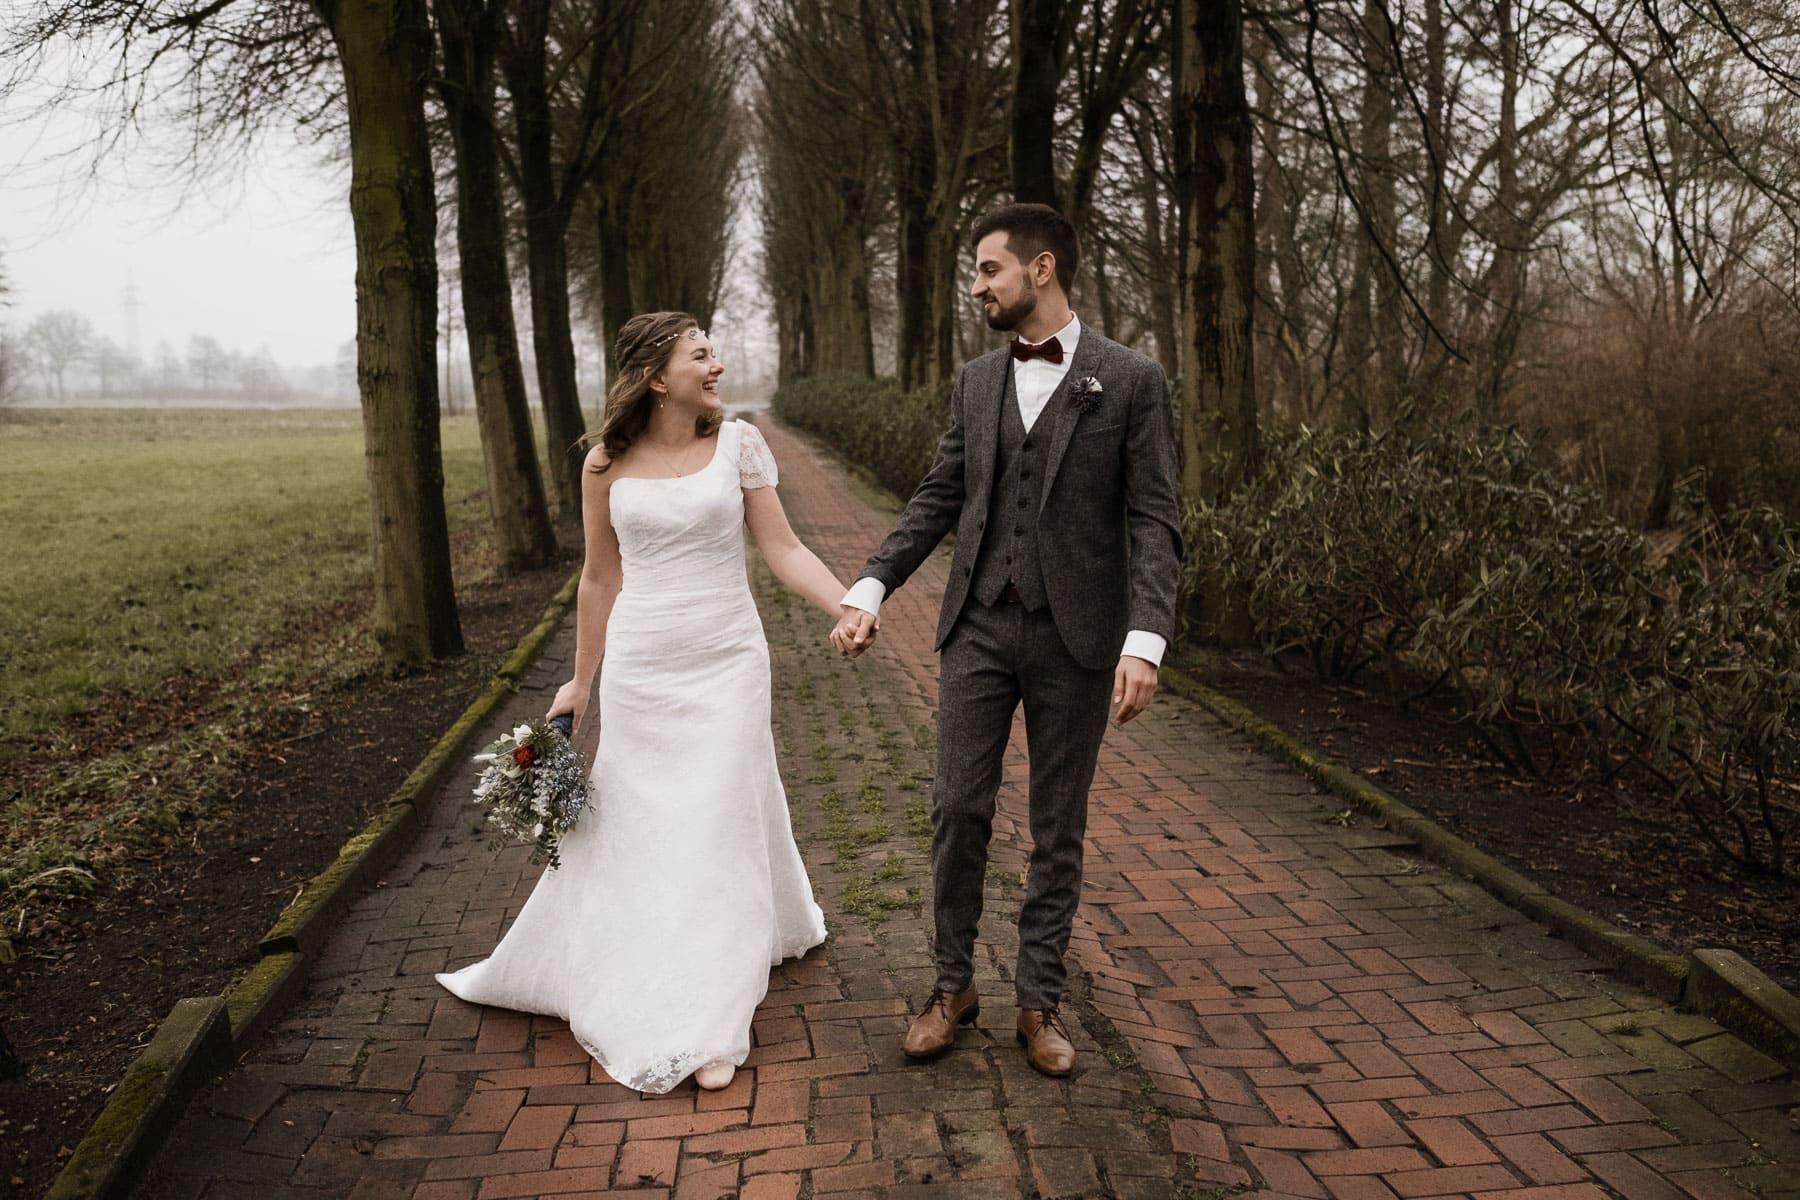 auf einem mit roten Steinen gepflasterten Weg steht das Brutpaar Hand in Hand, am Wegesrand stehen einige kahle Bäume, sie schauen sich an, sie trägt ein weißes Brutkleid und einen üppigen Blumenstrauß in der Hand, er trägt einen grauen Anzug